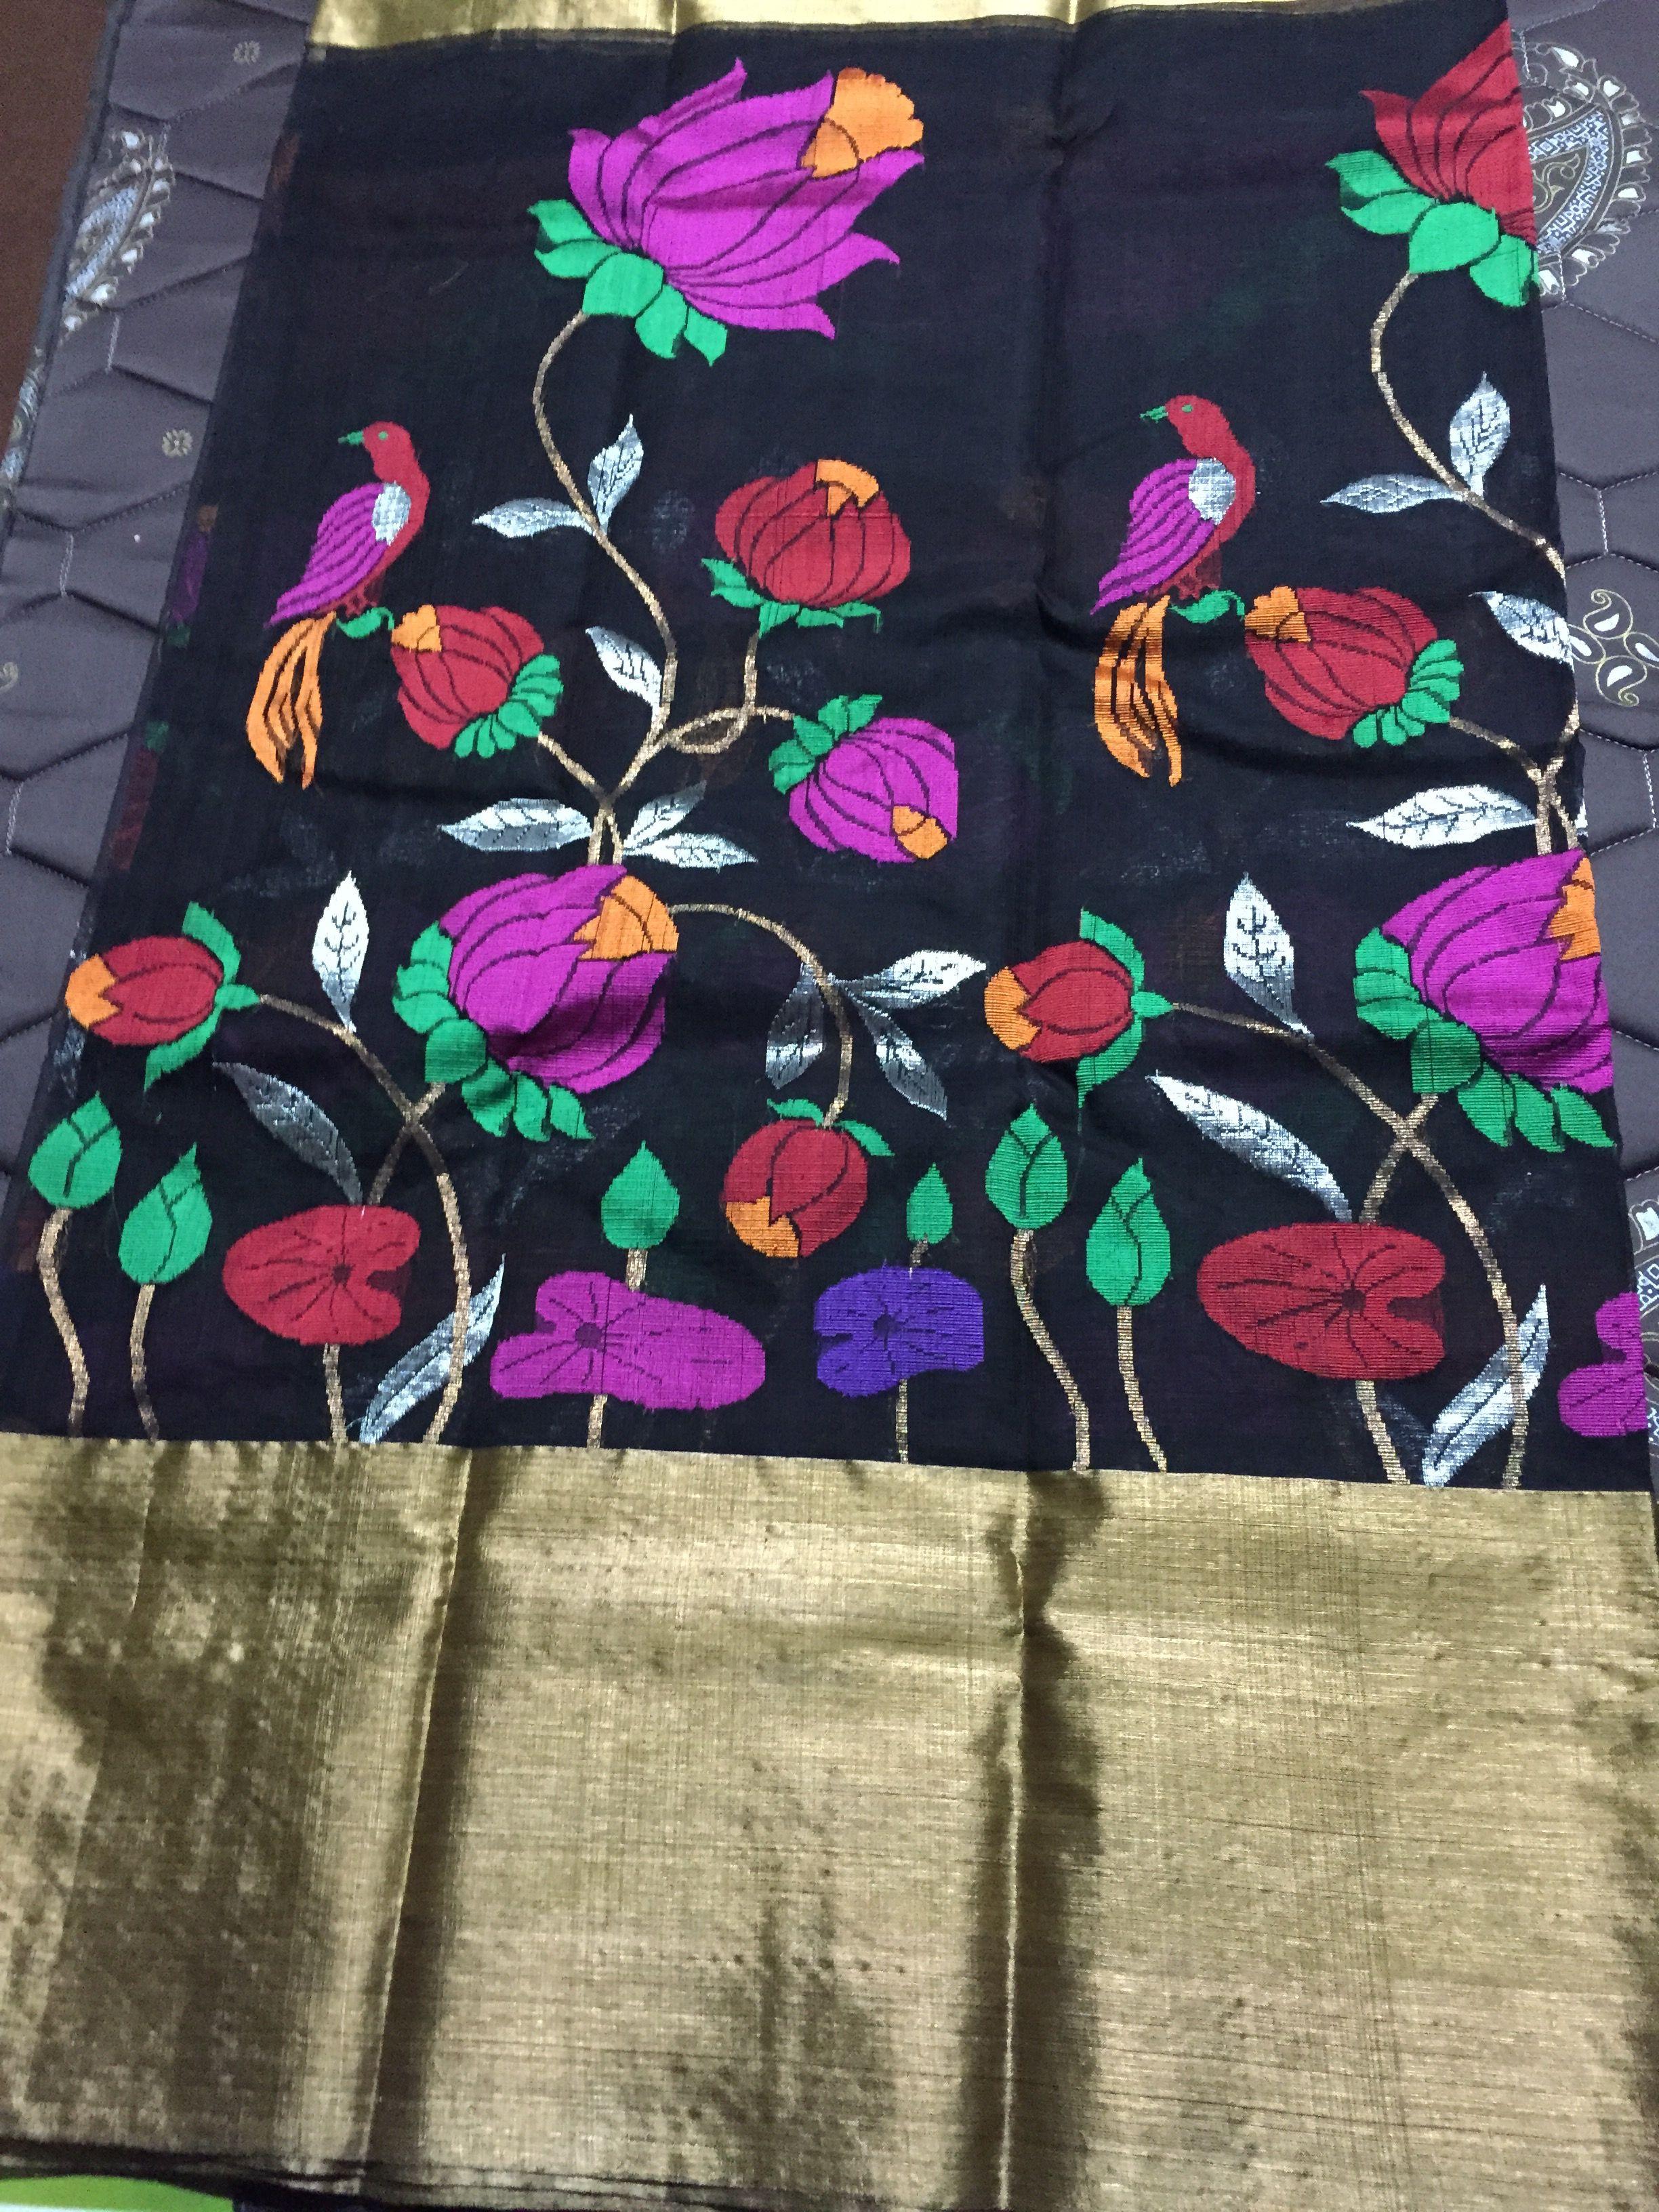 the pure zari kota doria handloom handwoven ekkat pattern doria handloom handloom sarees zari kota city sarees weaver weaver vivek dharia loom powered magical 6 pure zari